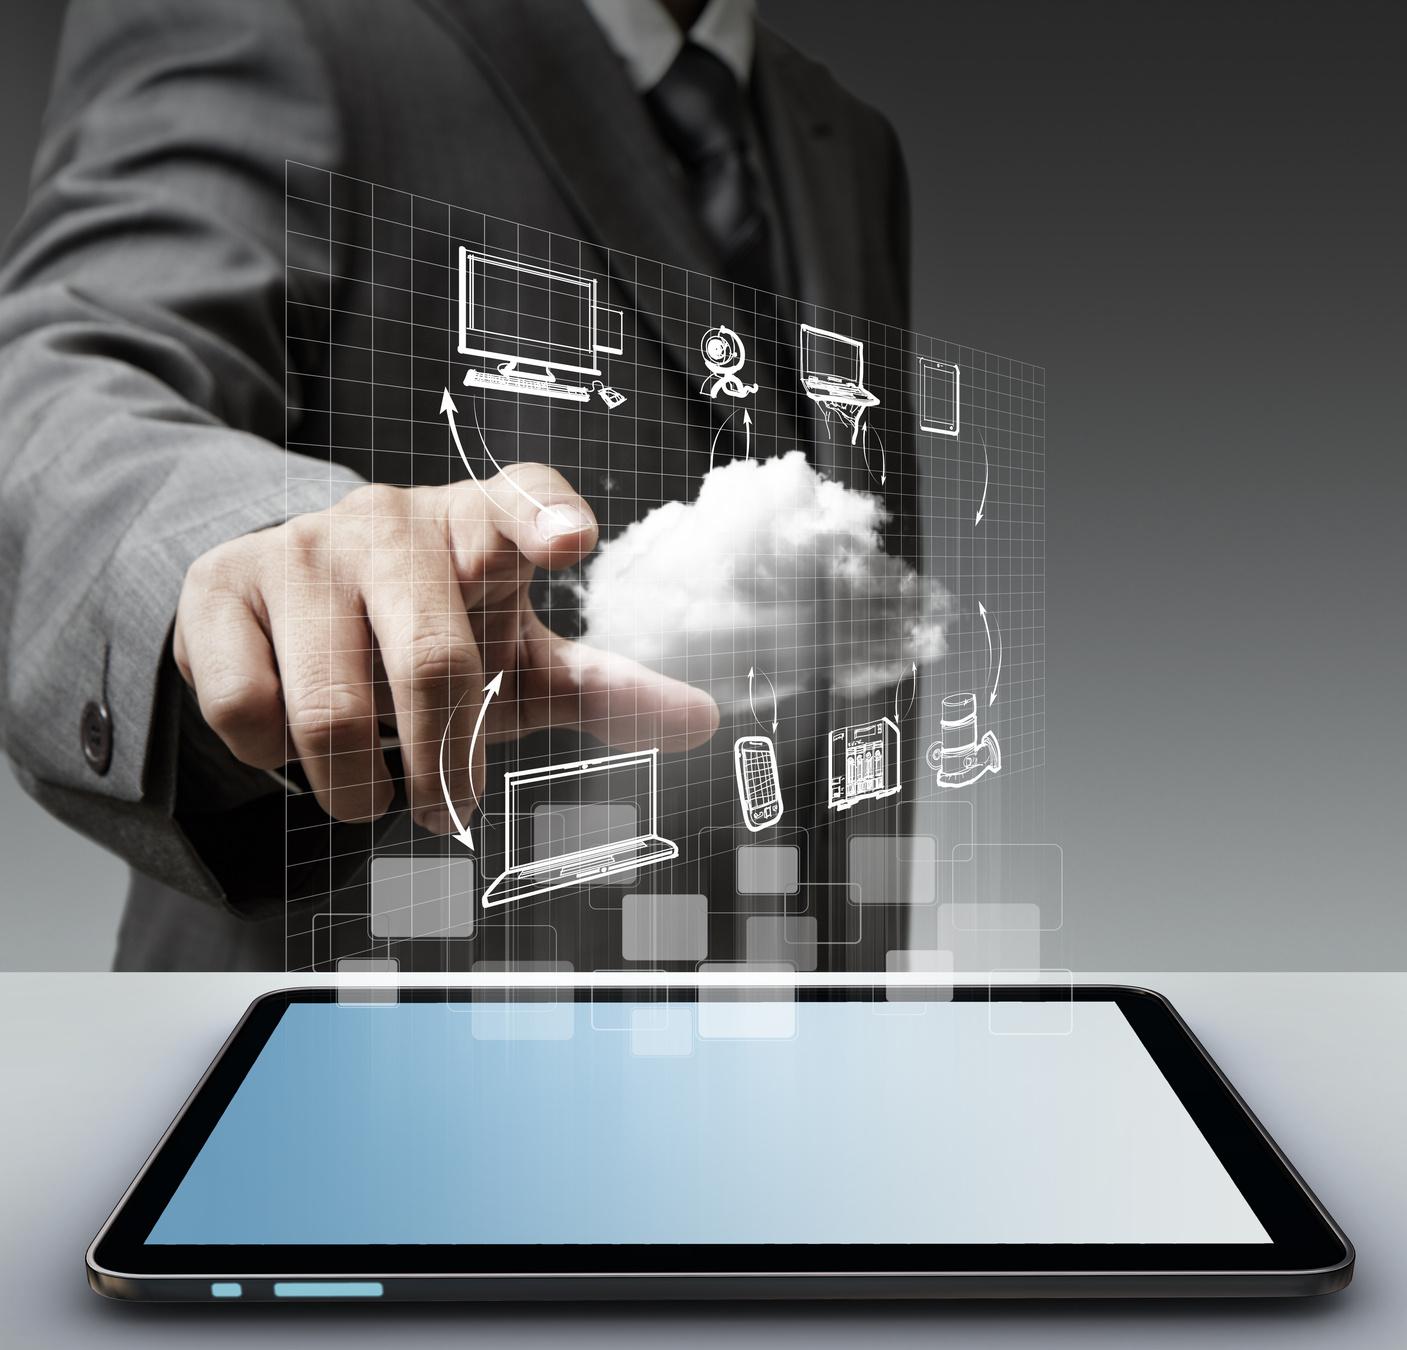 Nachhaltigkeit, Effizienz und Erfolg: So profitiert Ihr Unternehmen von Cloud-Services!